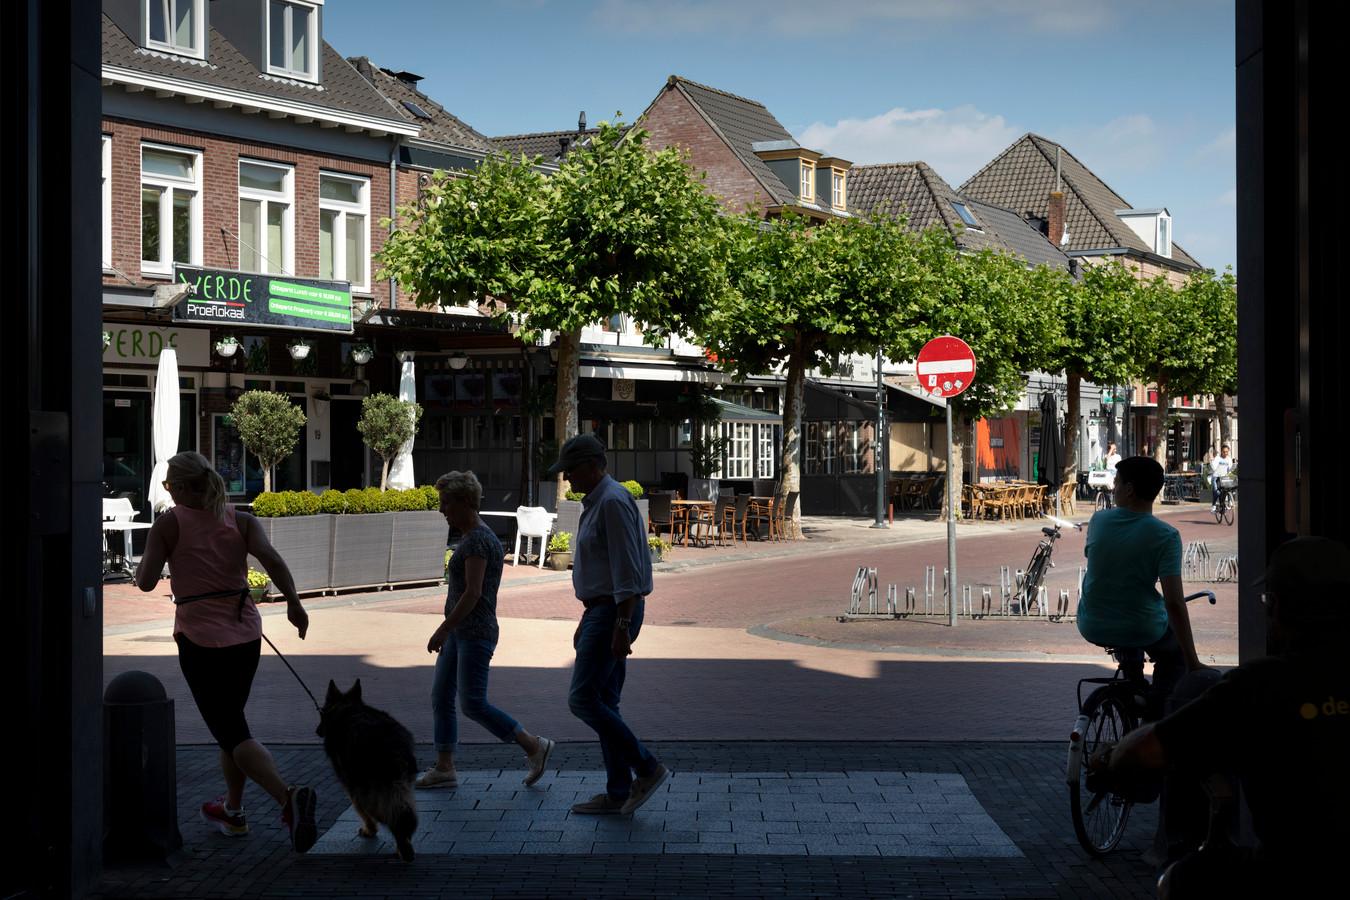 Op de Markt in Boxtel ging het afgelopen weekeinde helemaal mis. Een 21-jarige man werd met verwondingen aan zijn hoofd naar het ziekenhuis gebracht.